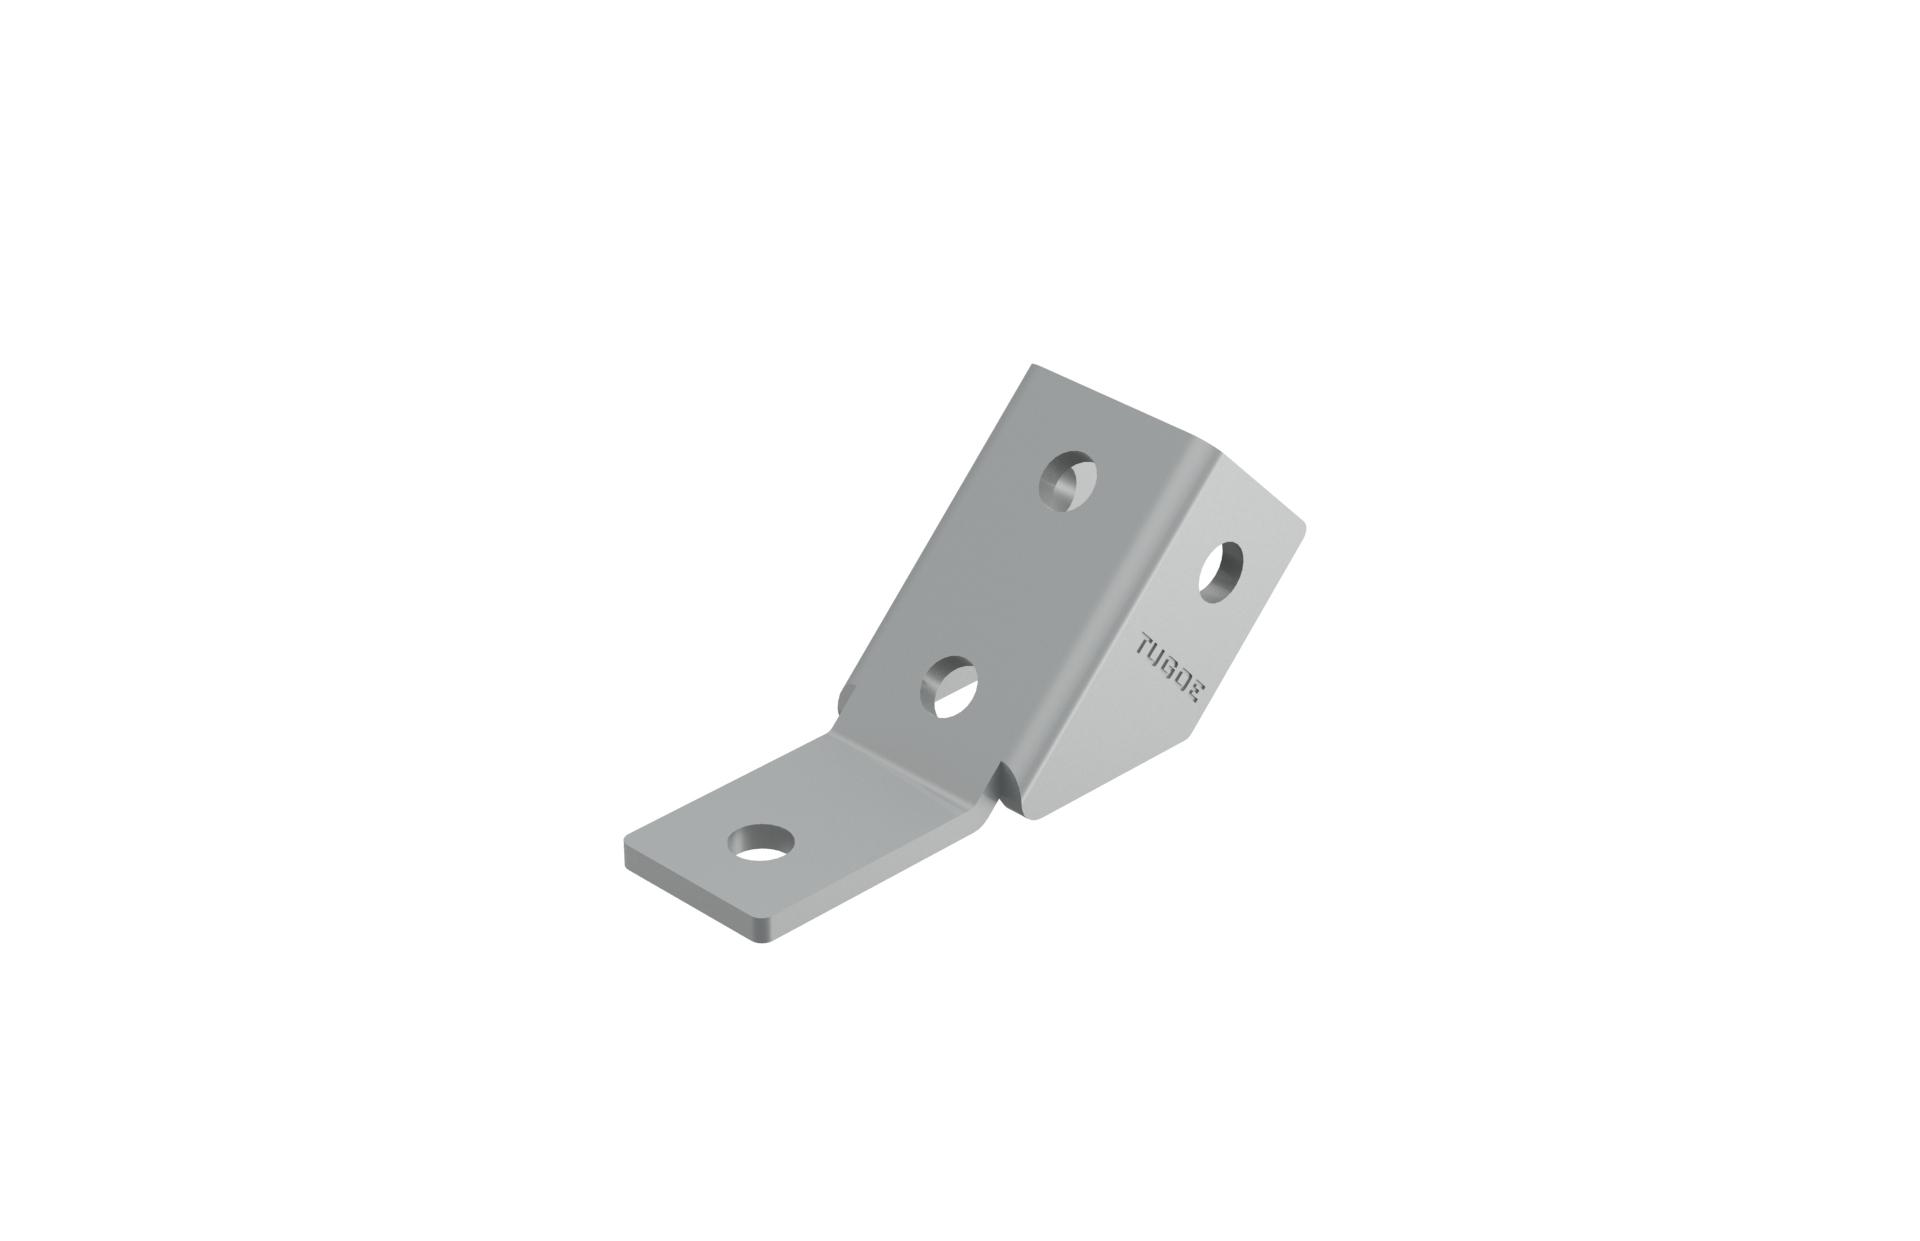 厂家供应建筑成品支架配件钢梁夹具直角连接件各类型号